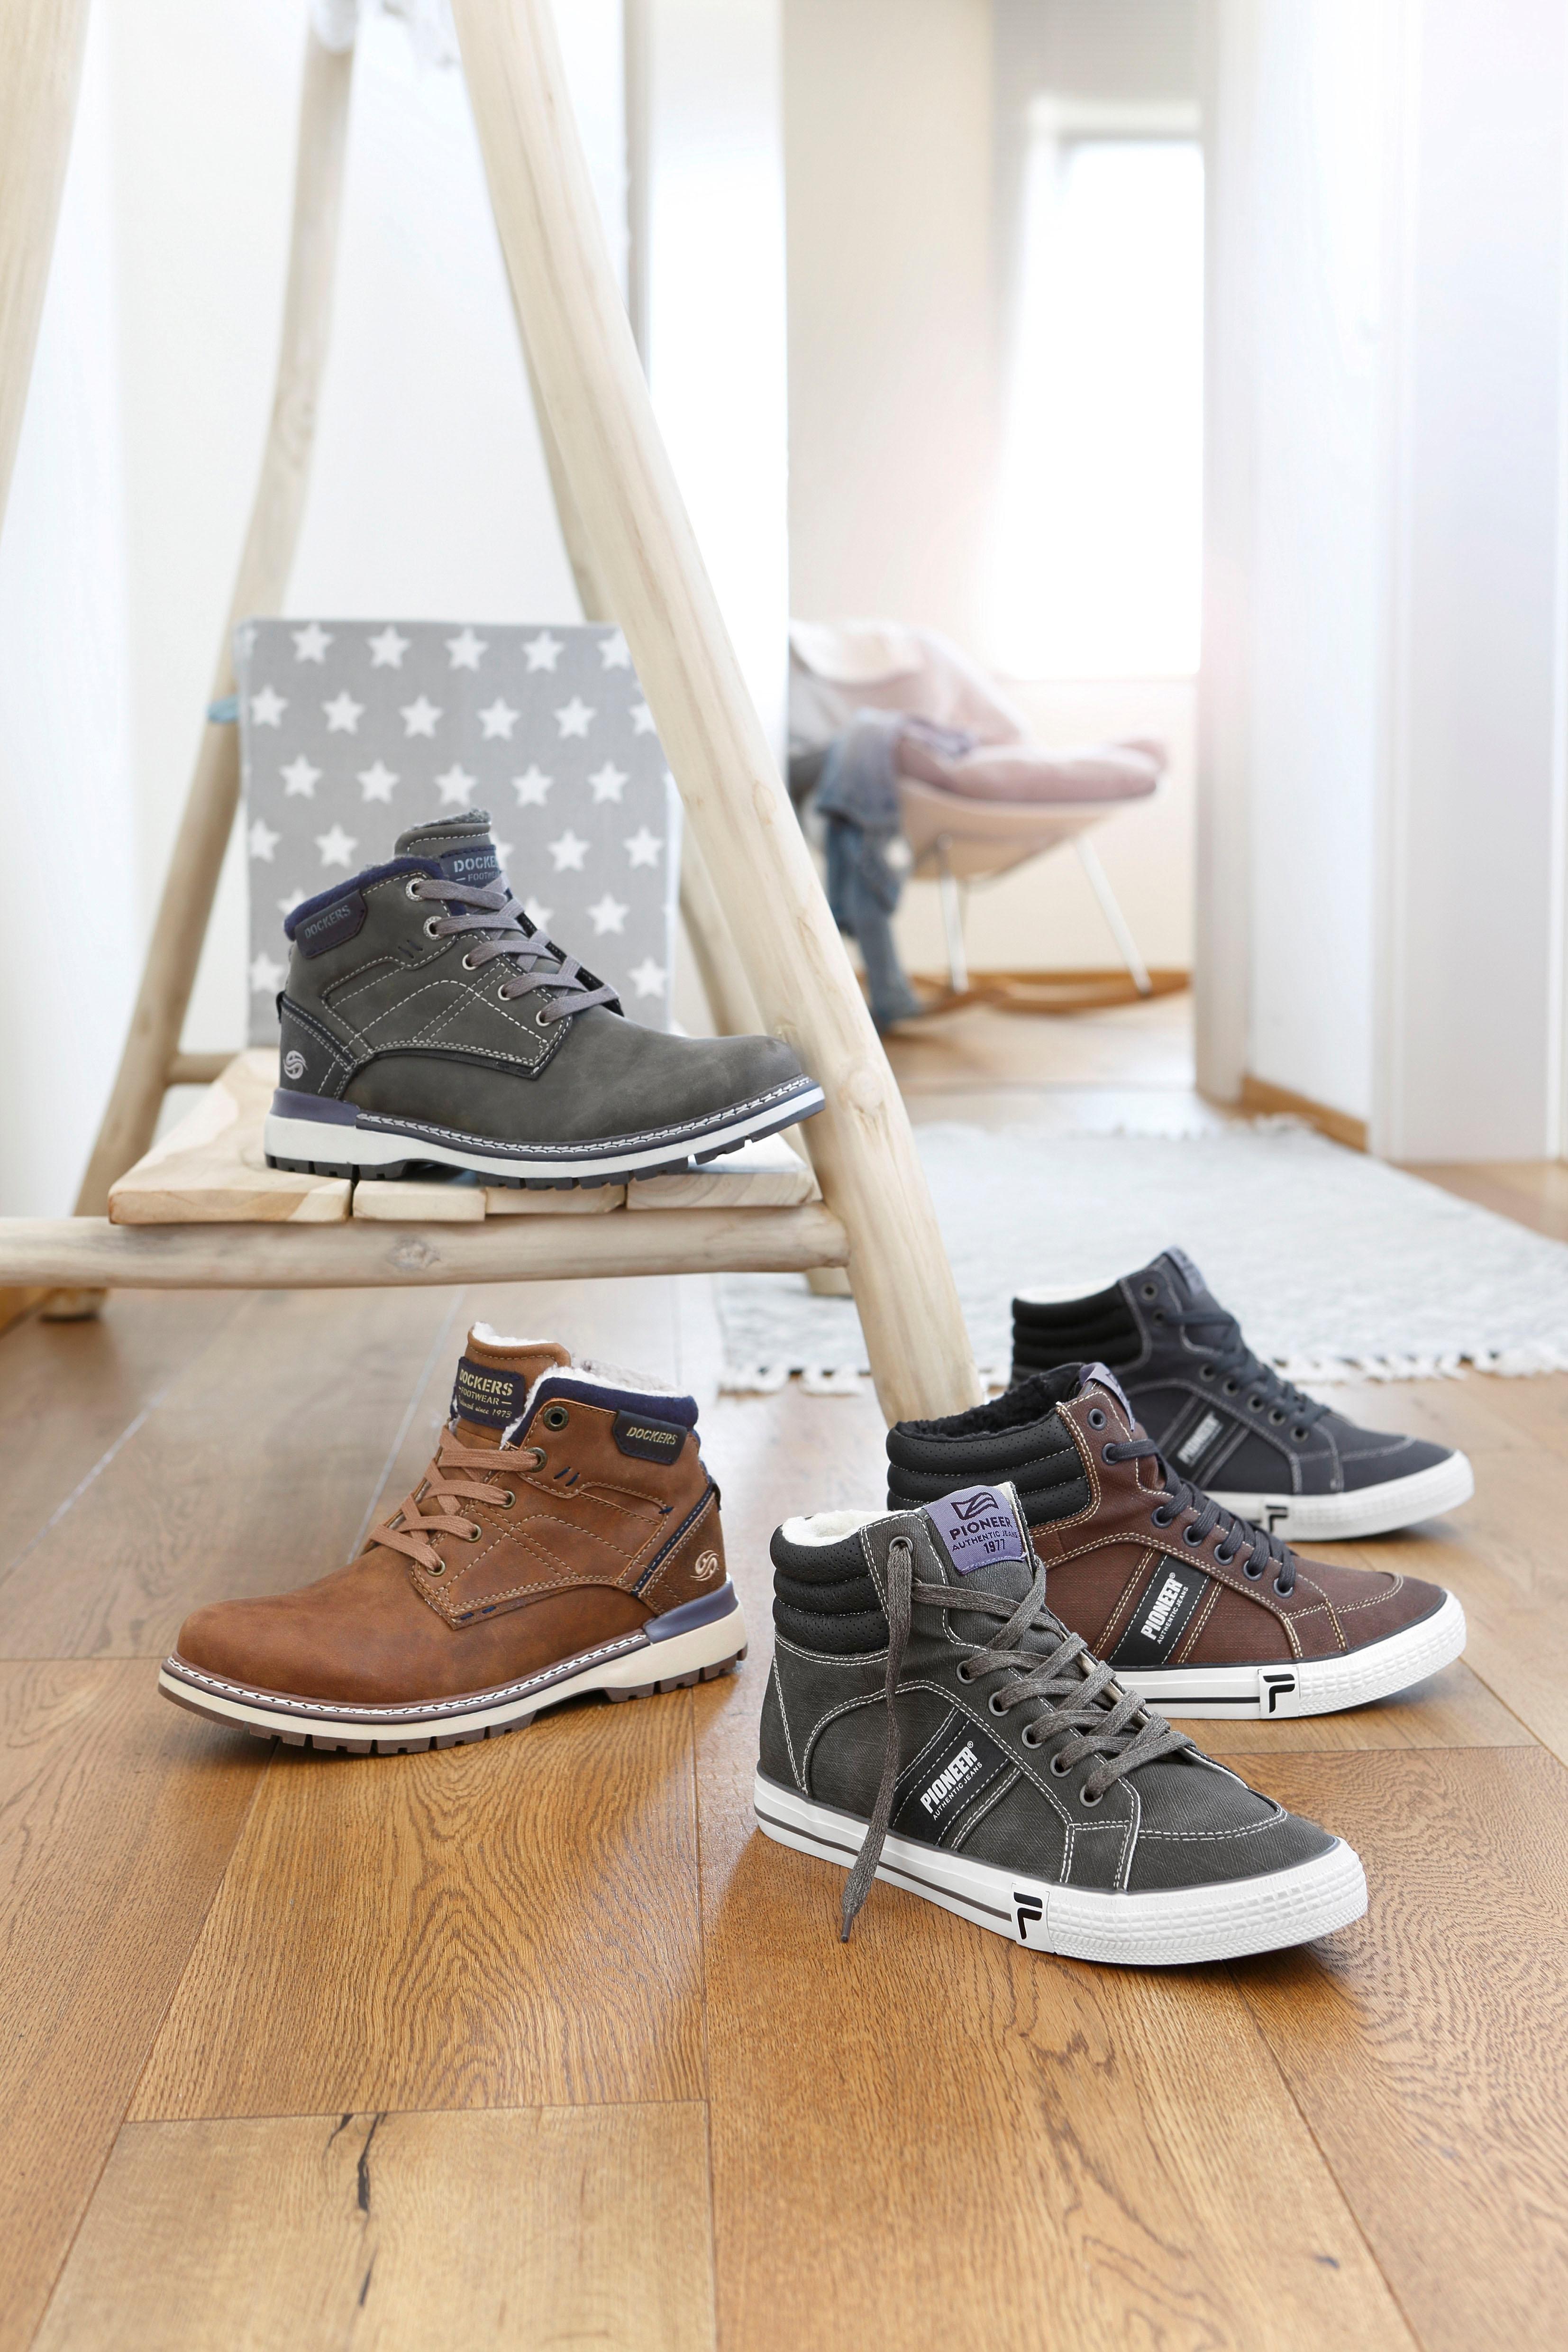 Op zoek naar een Dockers by Gerli hoge veterschoenen? Koop online bij OTTO